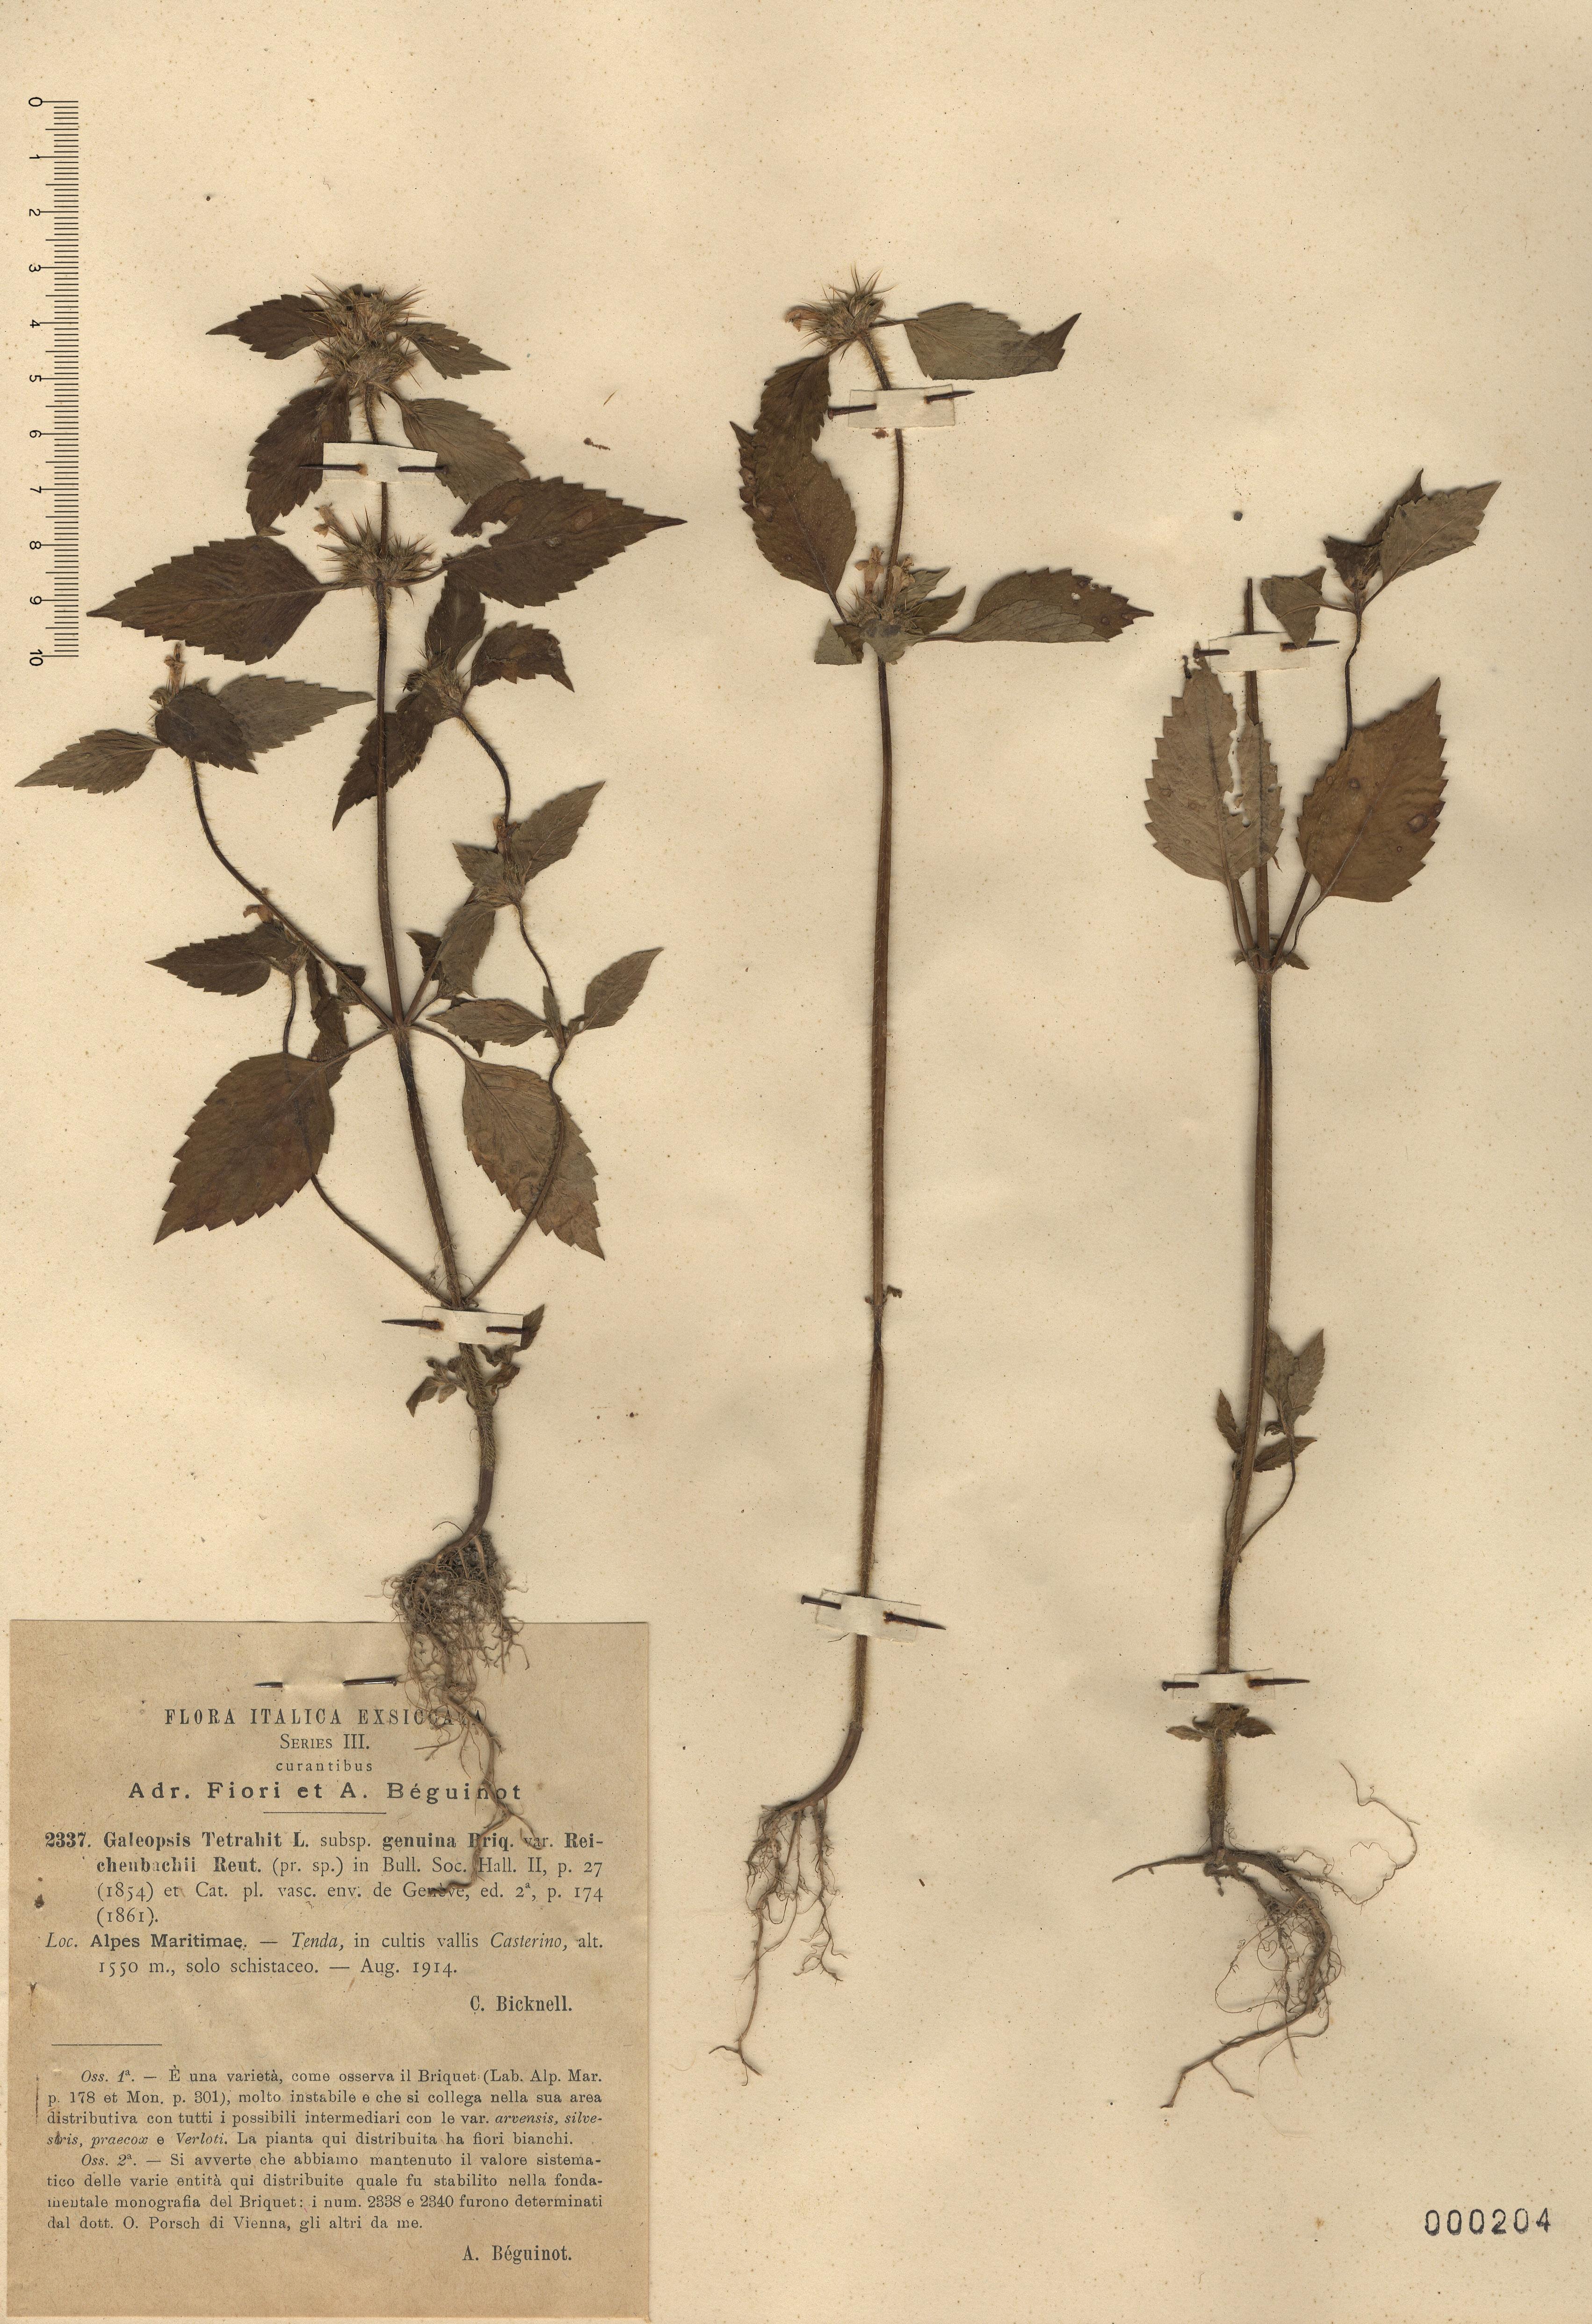 © Hortus Botanicus Catinensis - Herb. sheet 000204<br>